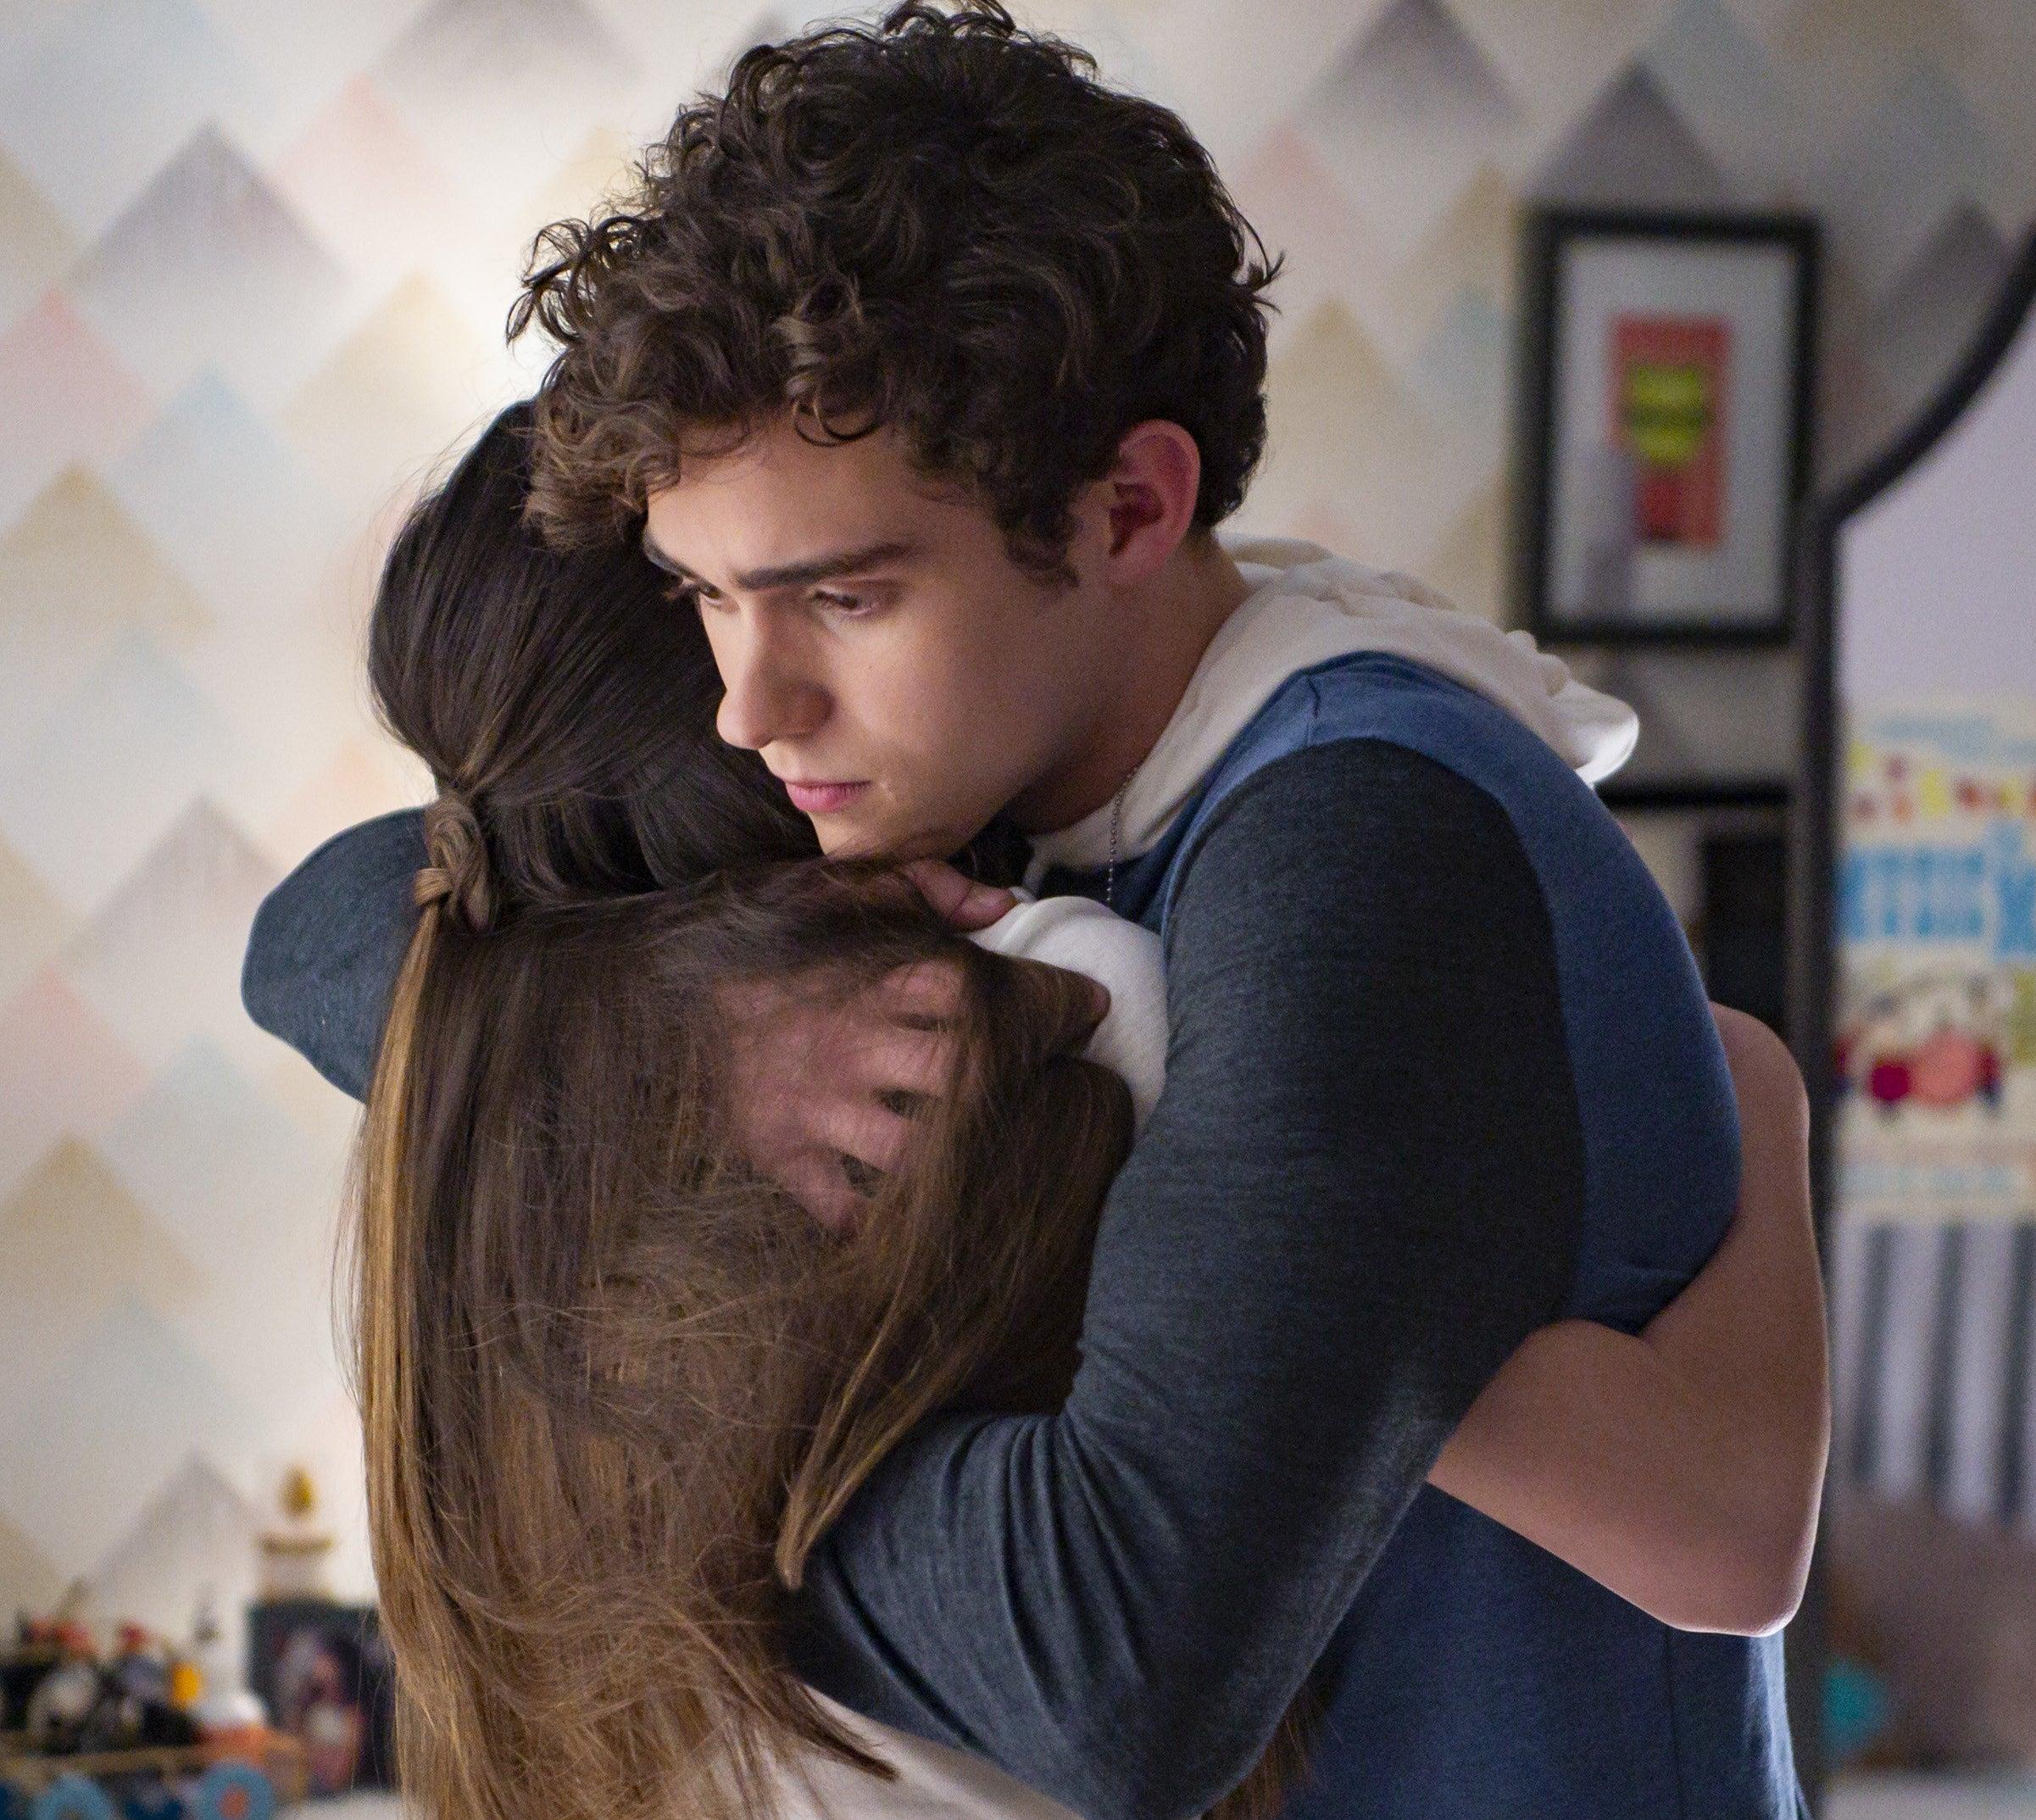 Nini and Ricky hugging